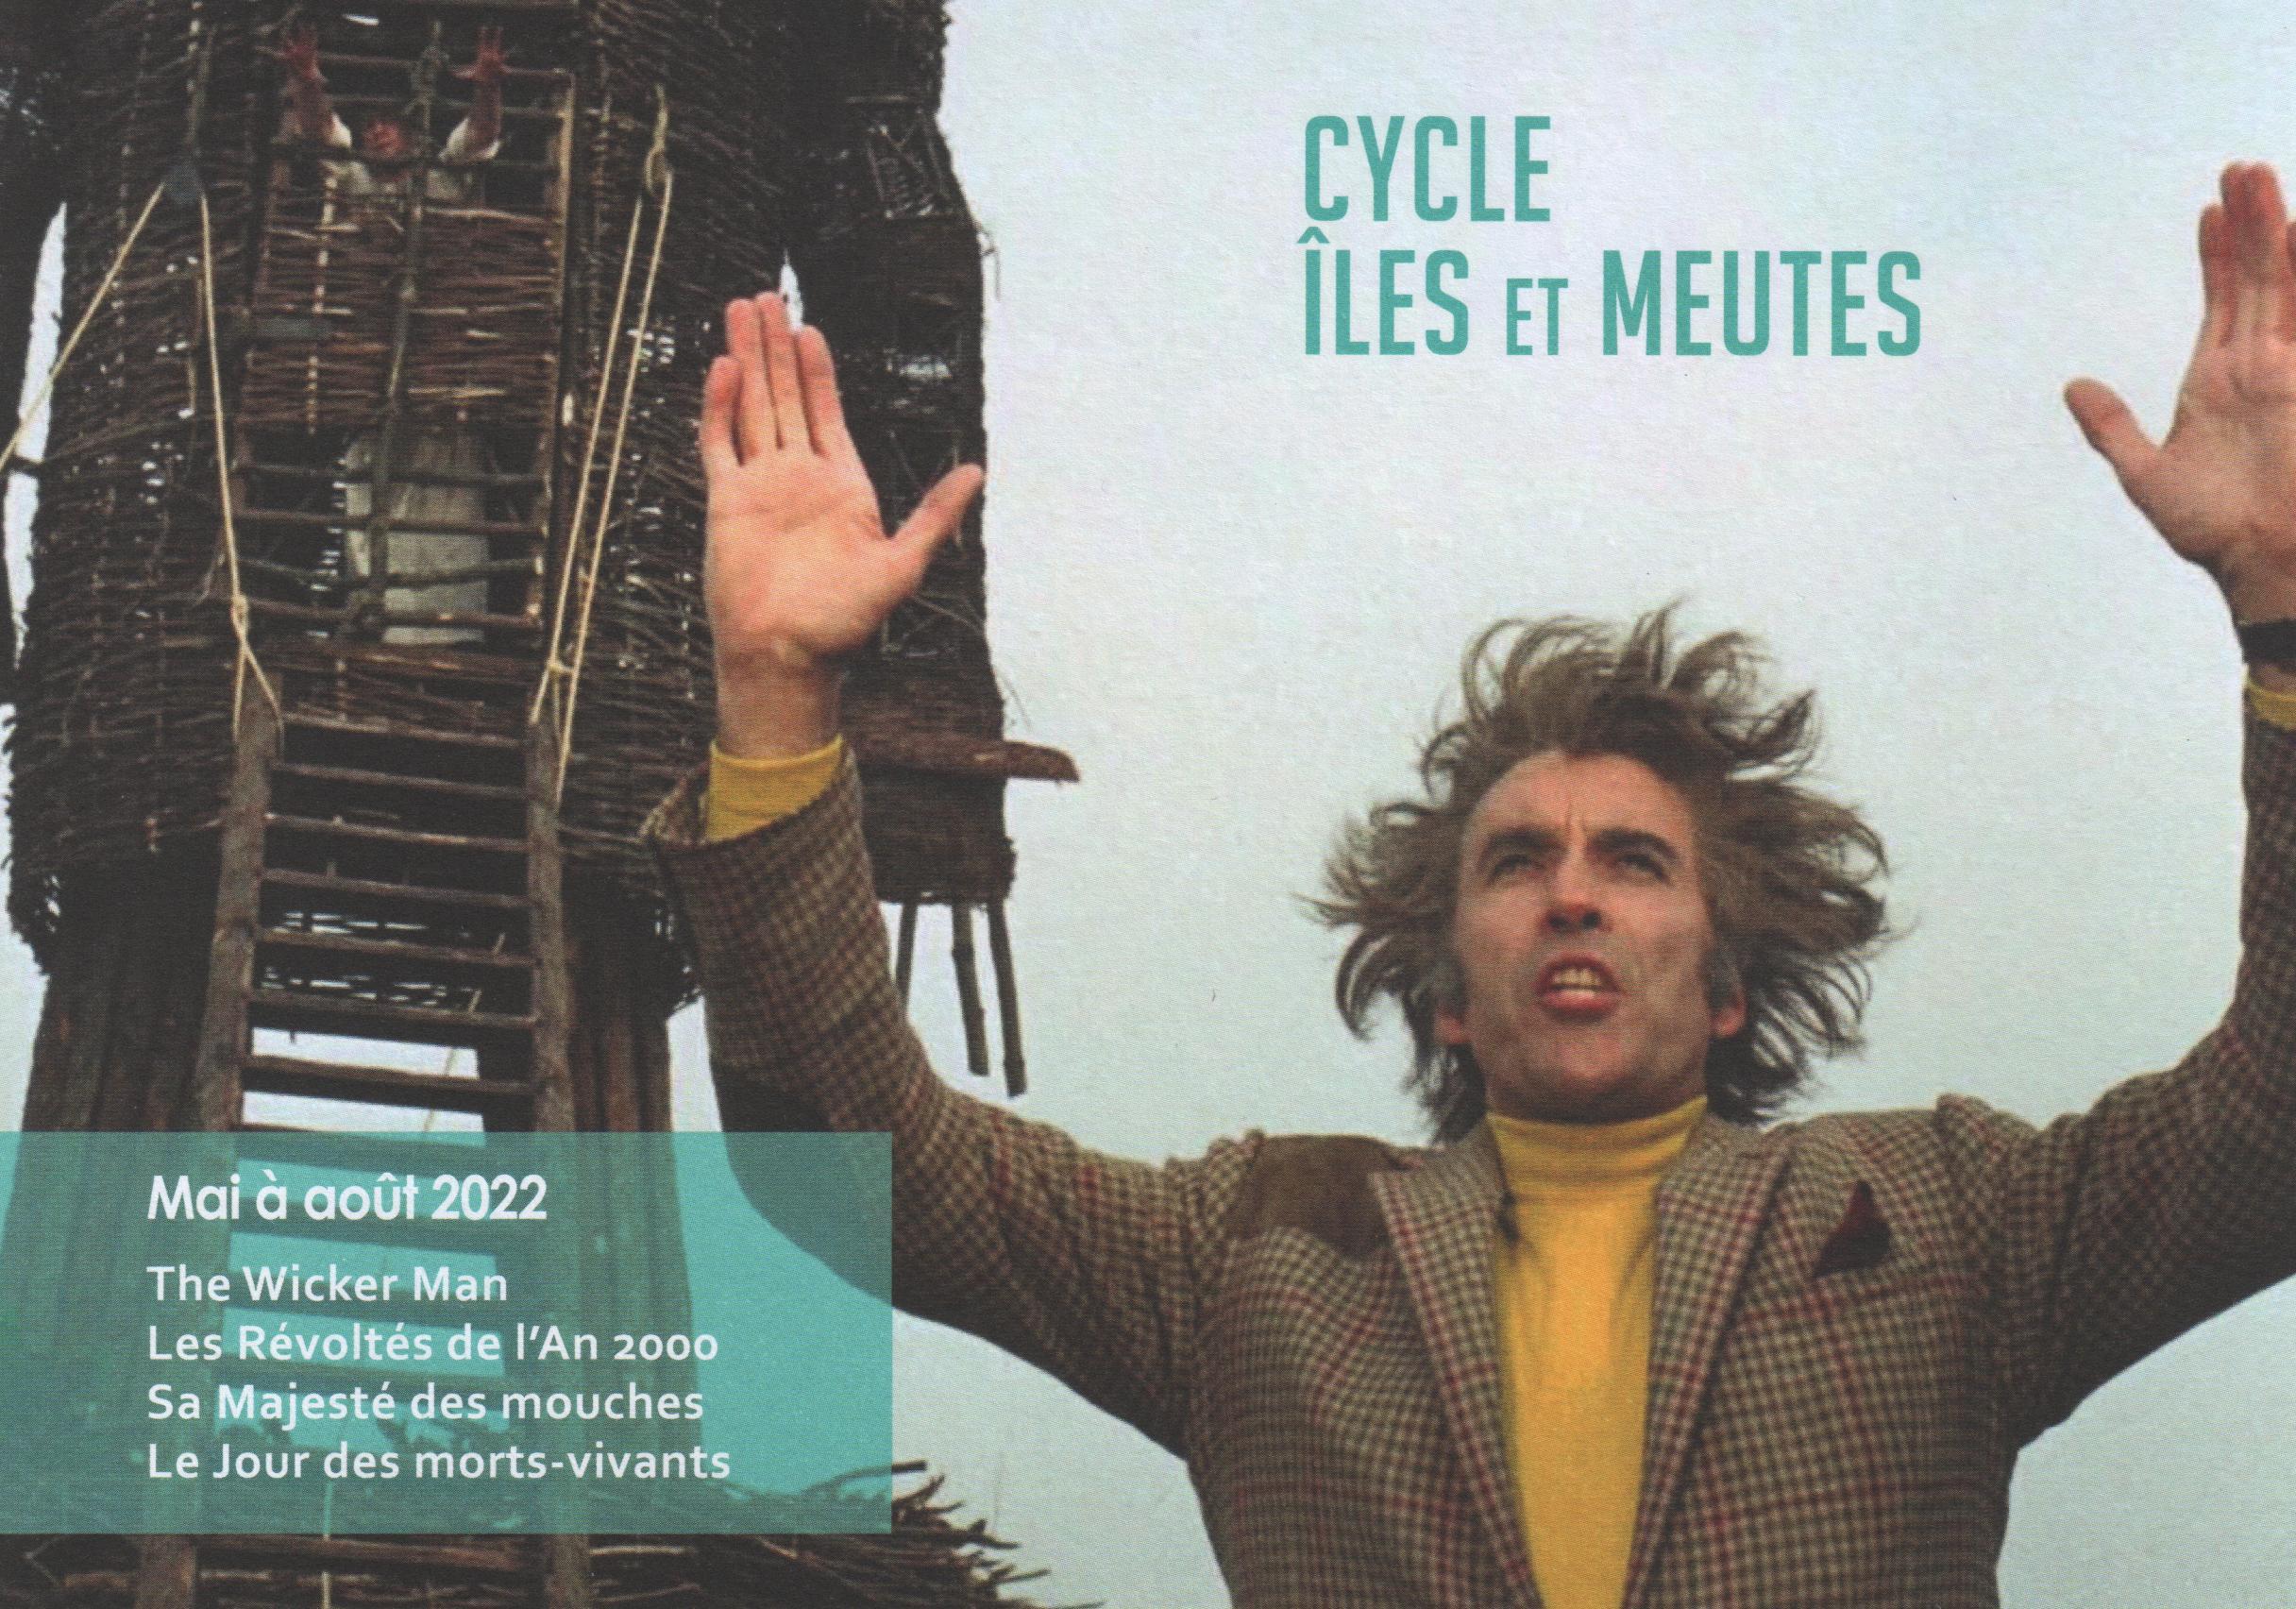 Cycle îles et meutes 2021-2022